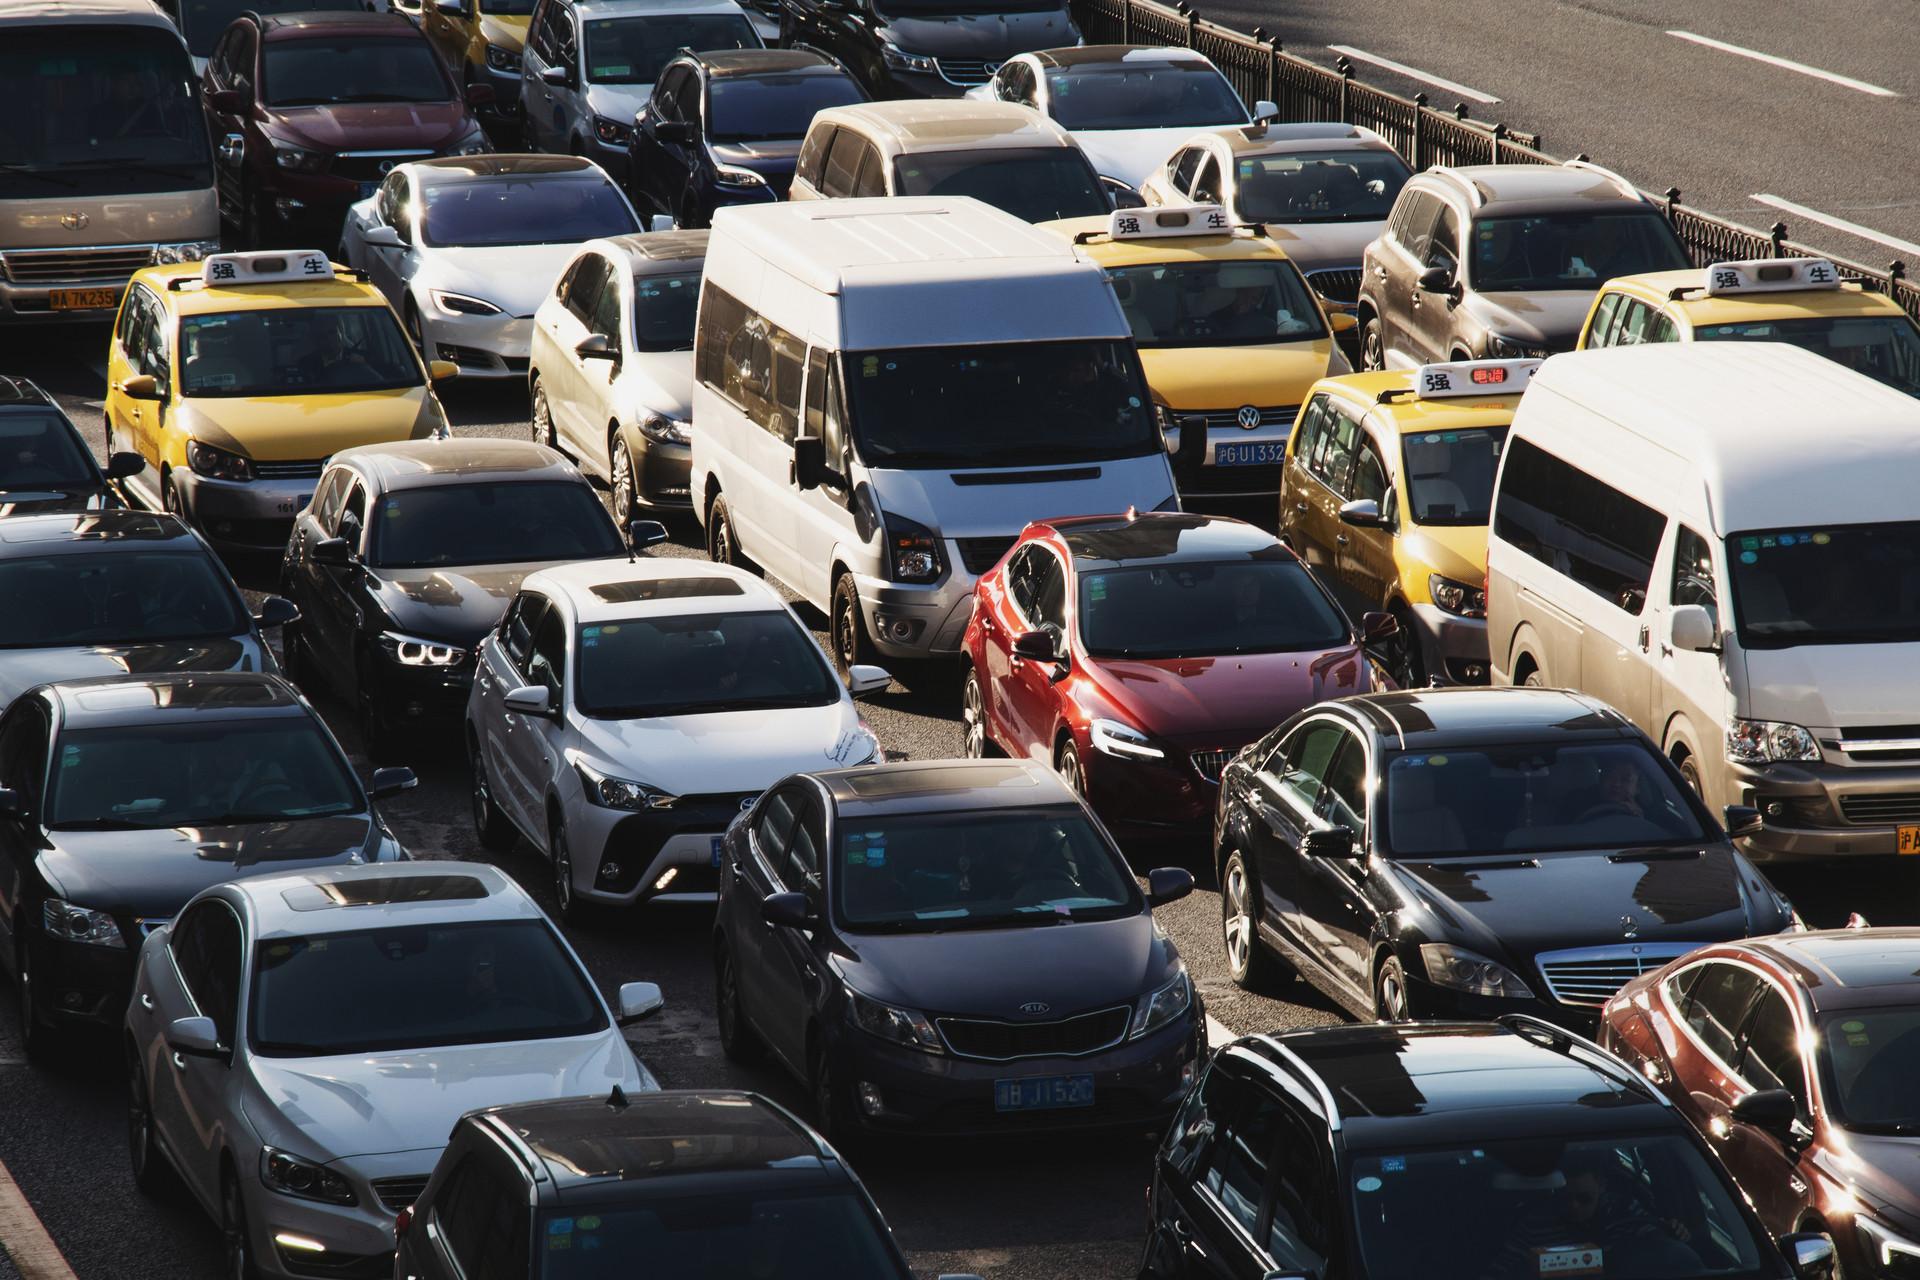 国庆最后一天上高速怎么收费,十一最后一天高速怎么收费,国庆节最后一天上高速收费吗-第3张图片-免单网